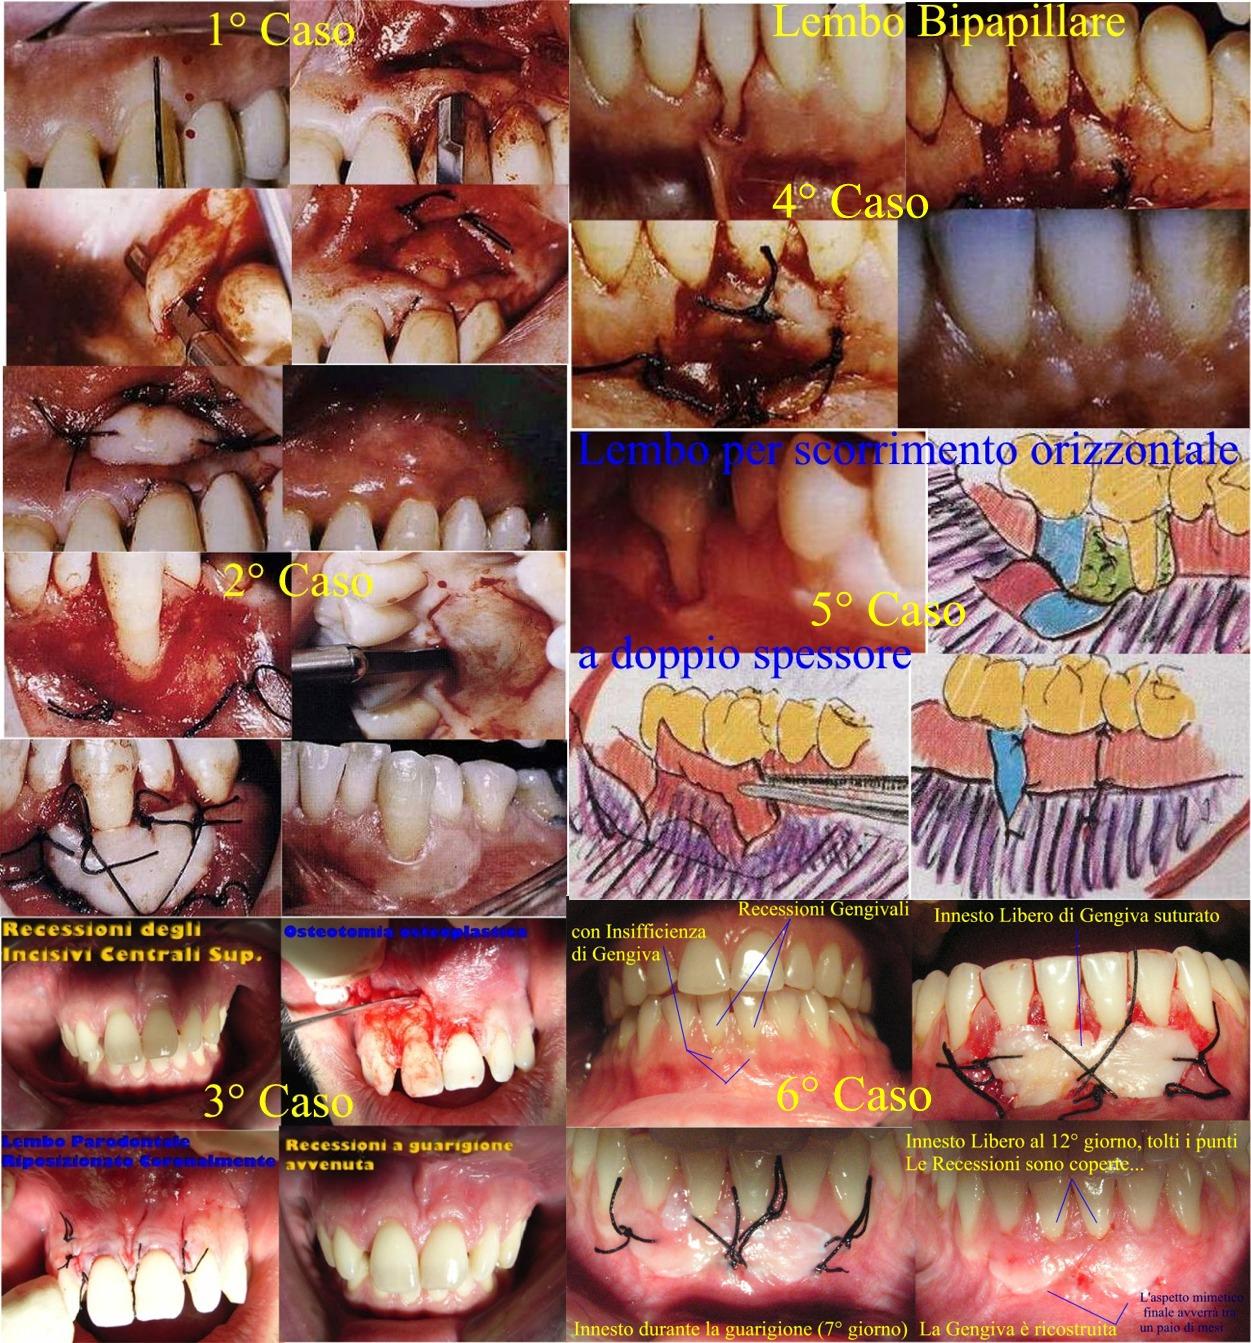 Recessioni Gengivali e alcune terapie di Chirurgia Mucogengivale Parodontale ed Estetica. Da casistica del Dr. Gustavo Petti Parodontologo di Cagliari